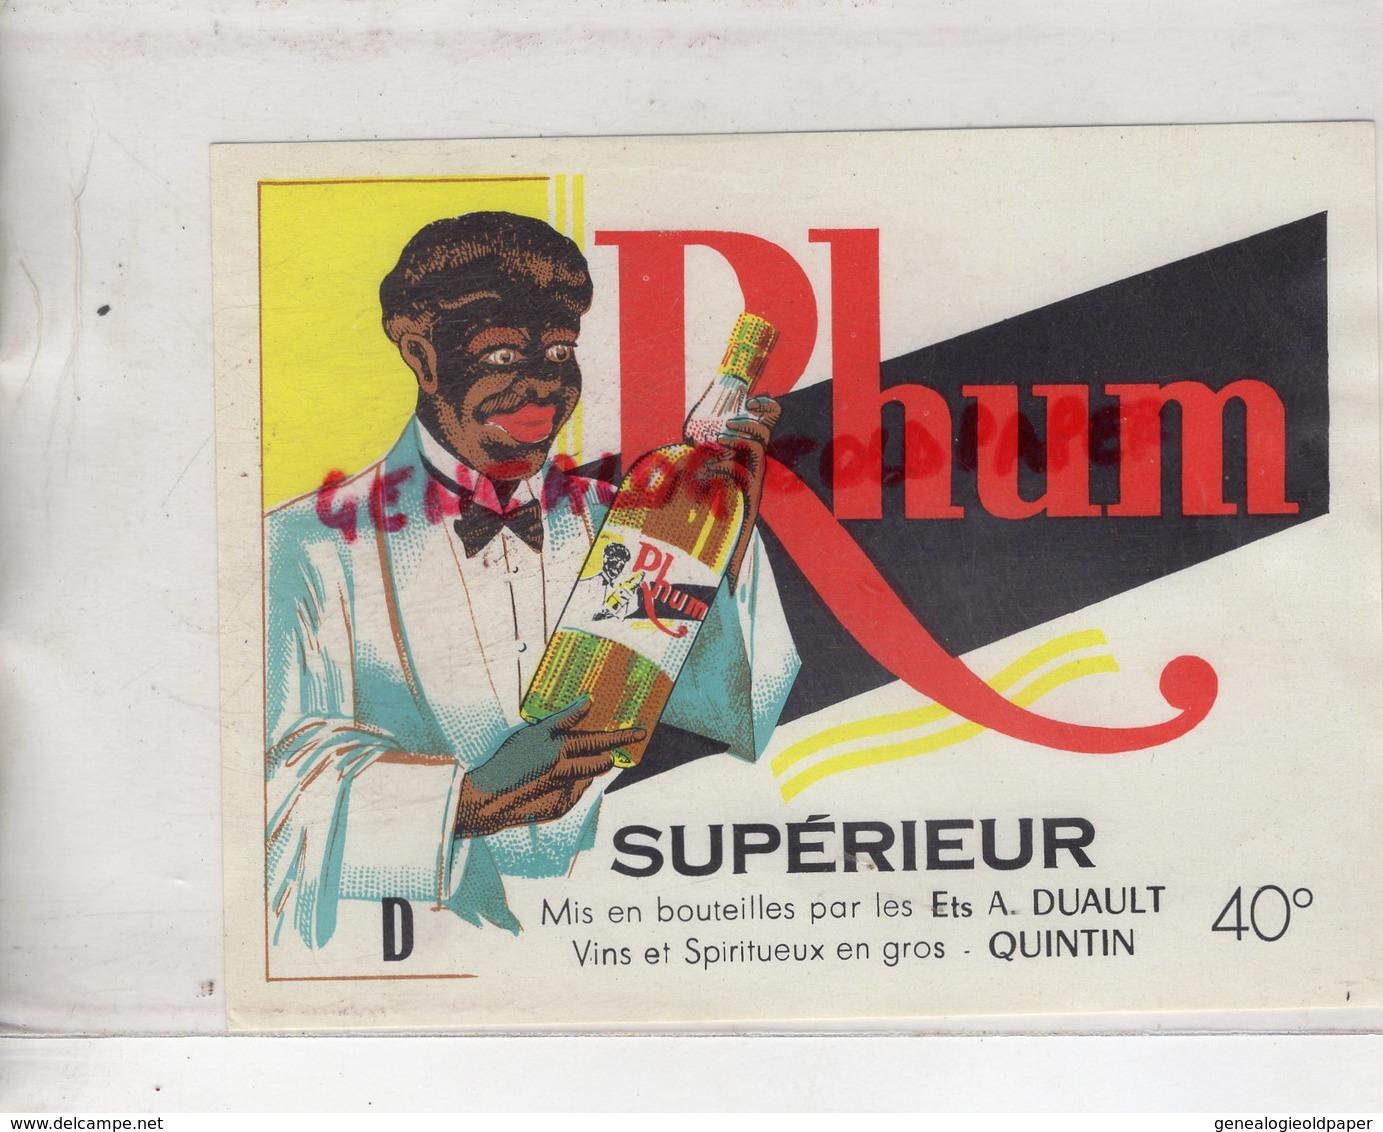 22 - QUINTIN - ETIQUETTE RHUM SUPERIEUR - ETS. A. DUAULT - Rhum